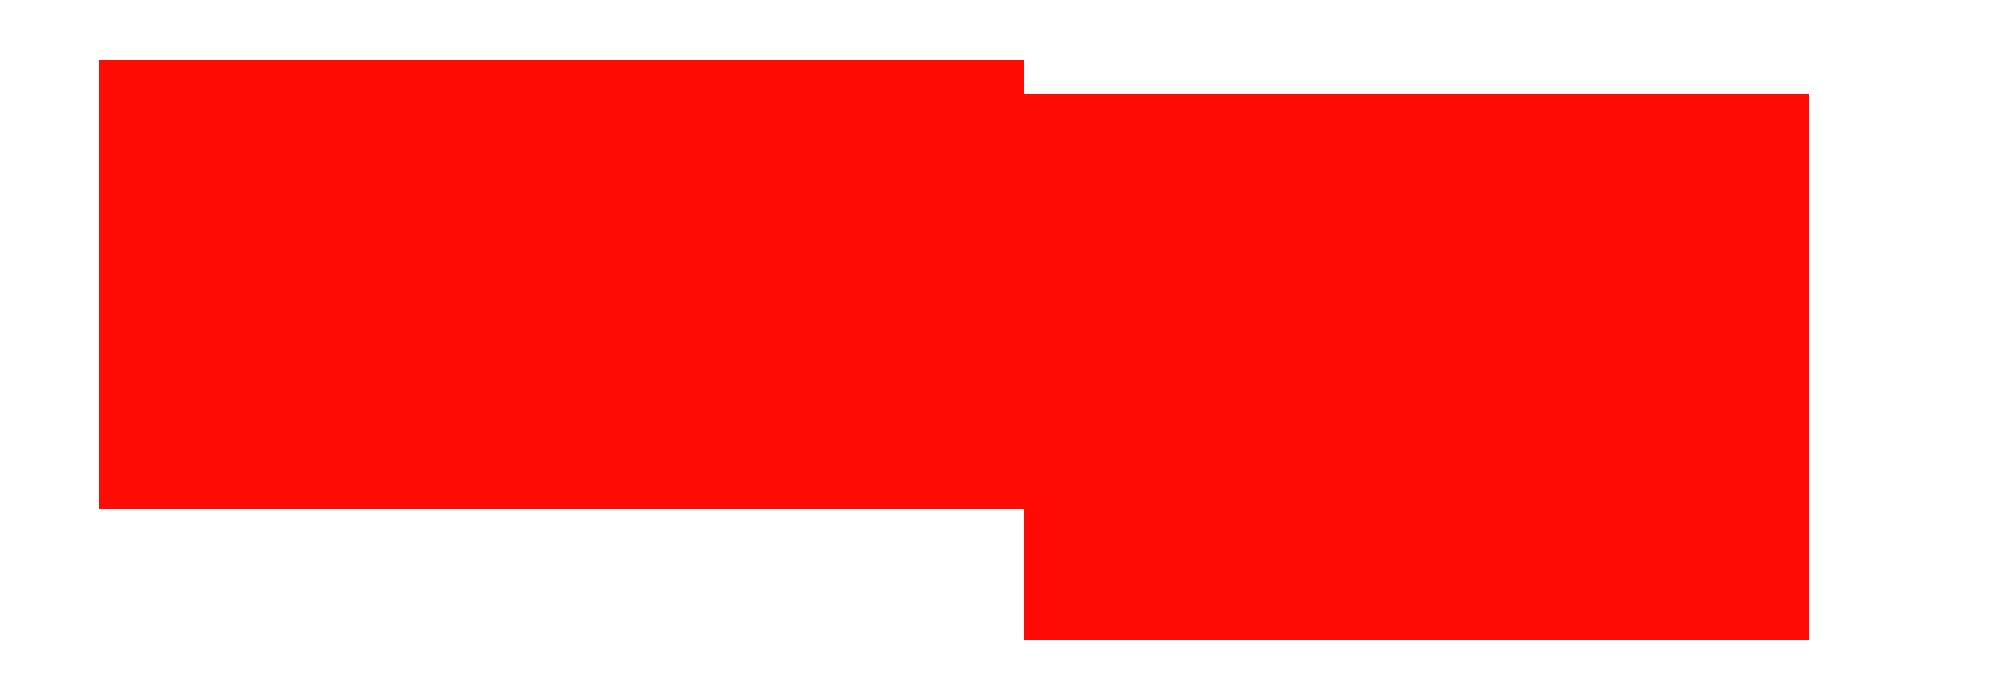 鲁洪商城-罗延宽题